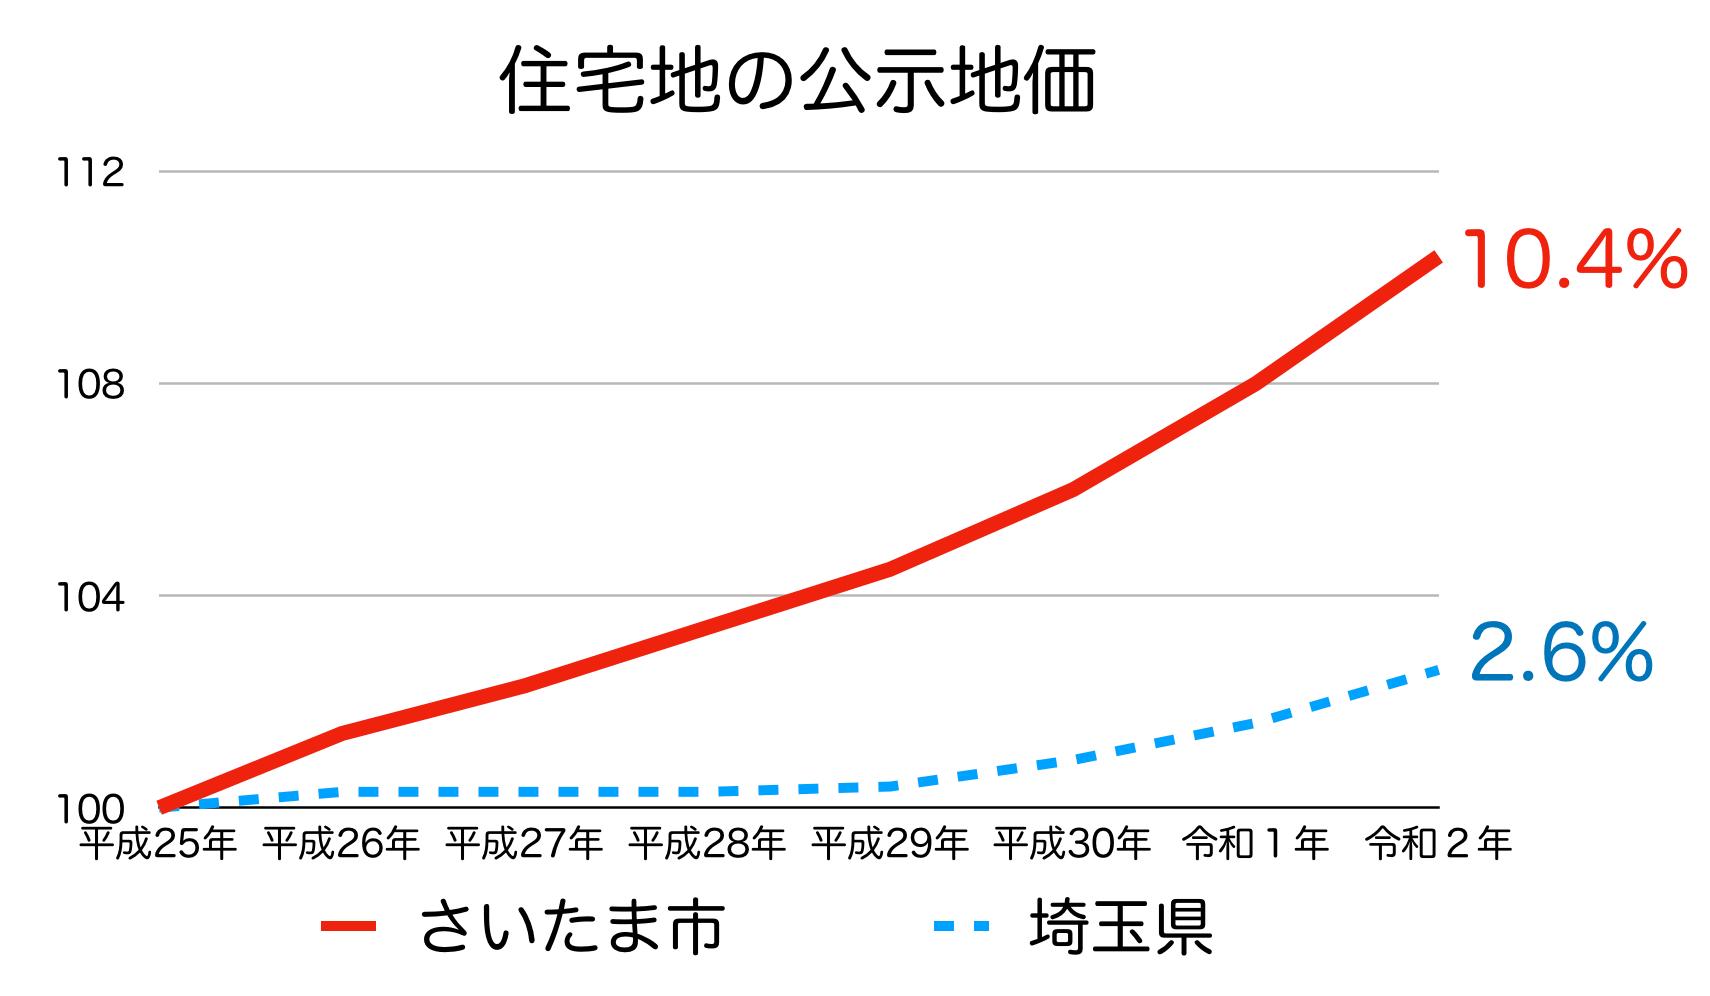 さいたま市の公示地価の推移(令和2年)